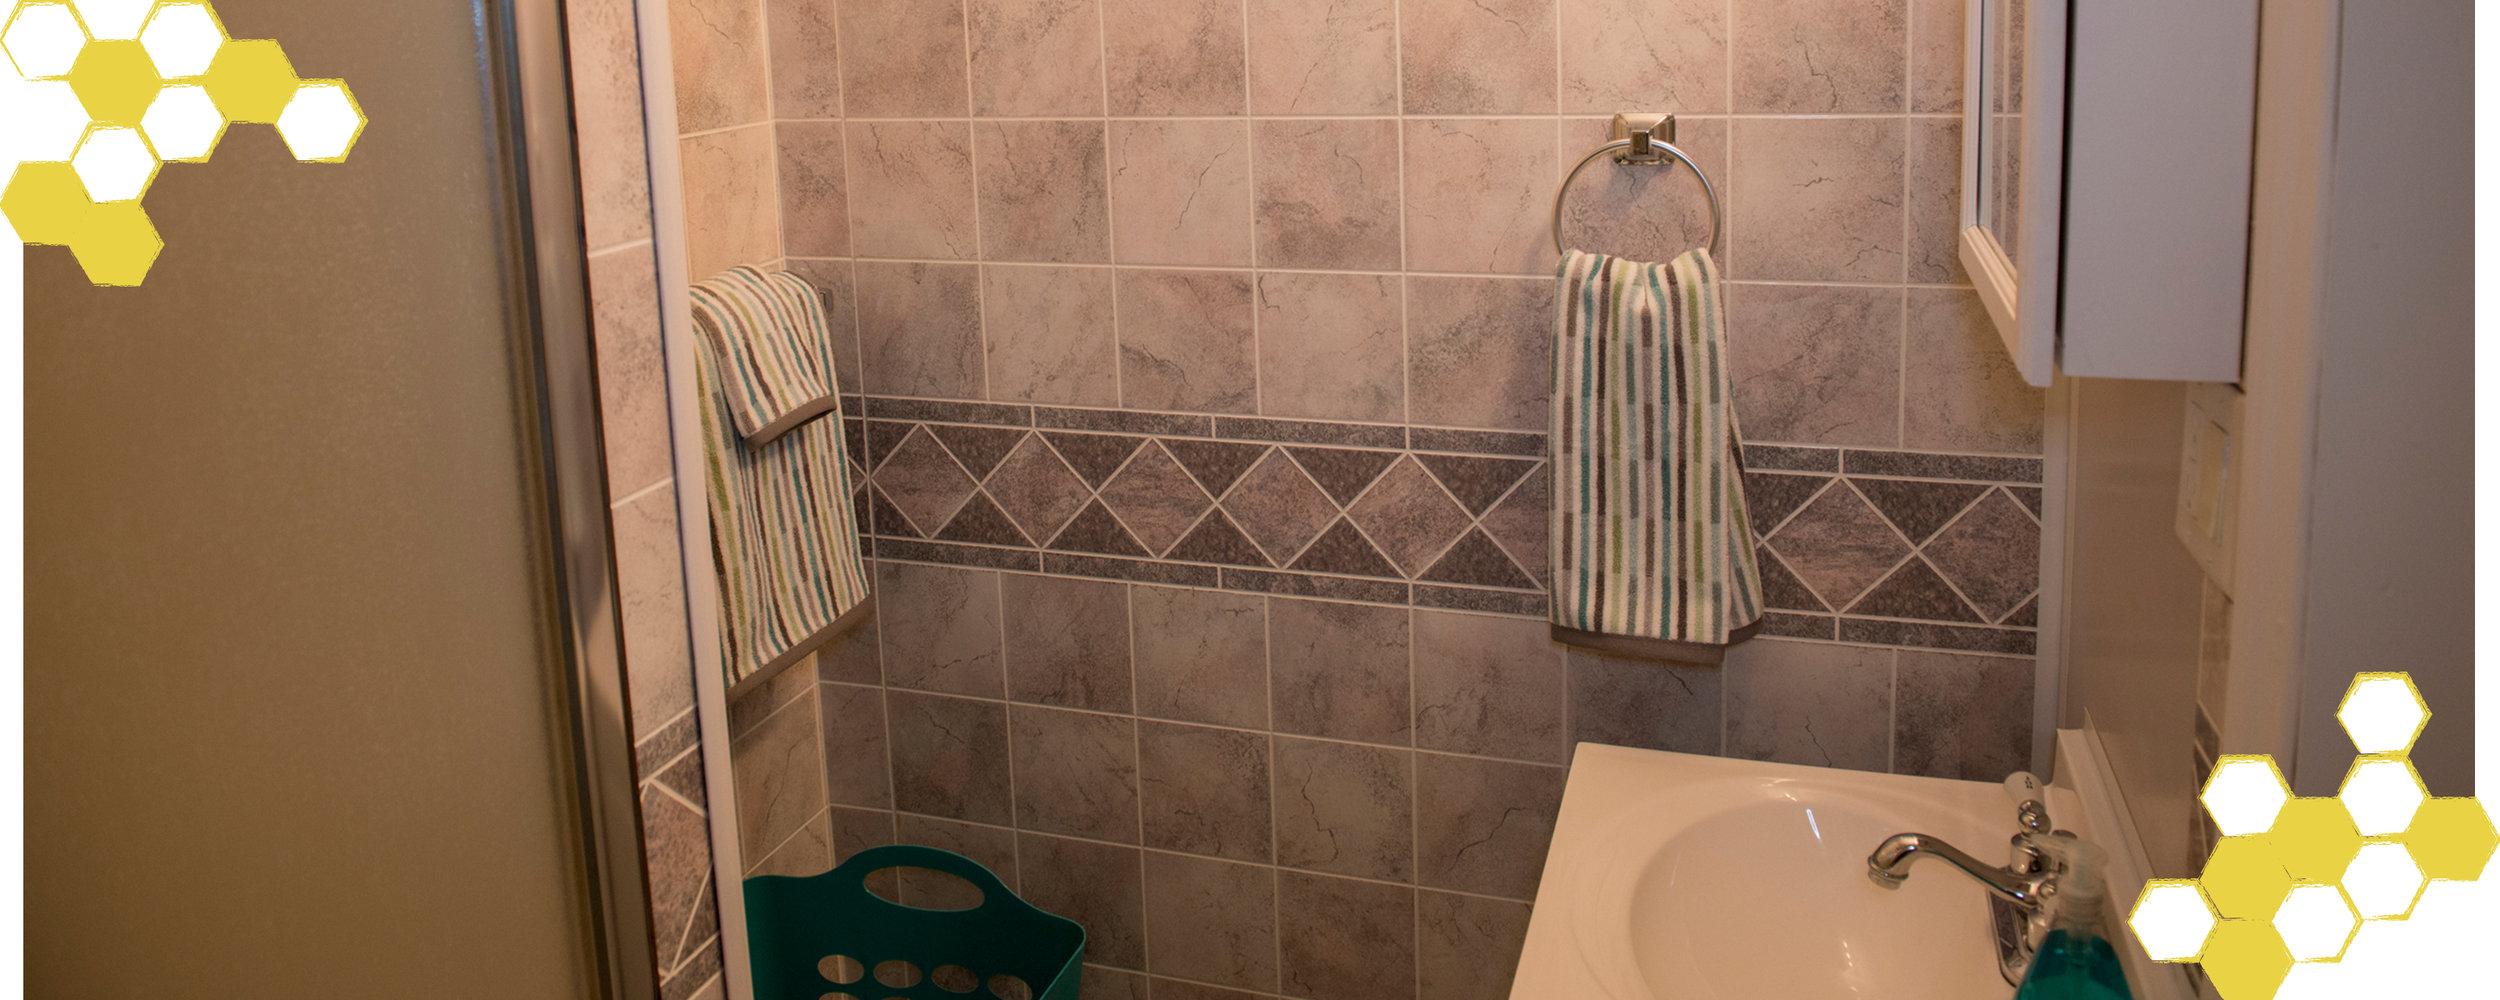 Sliders-BeesKnees-Bathroom2.jpg